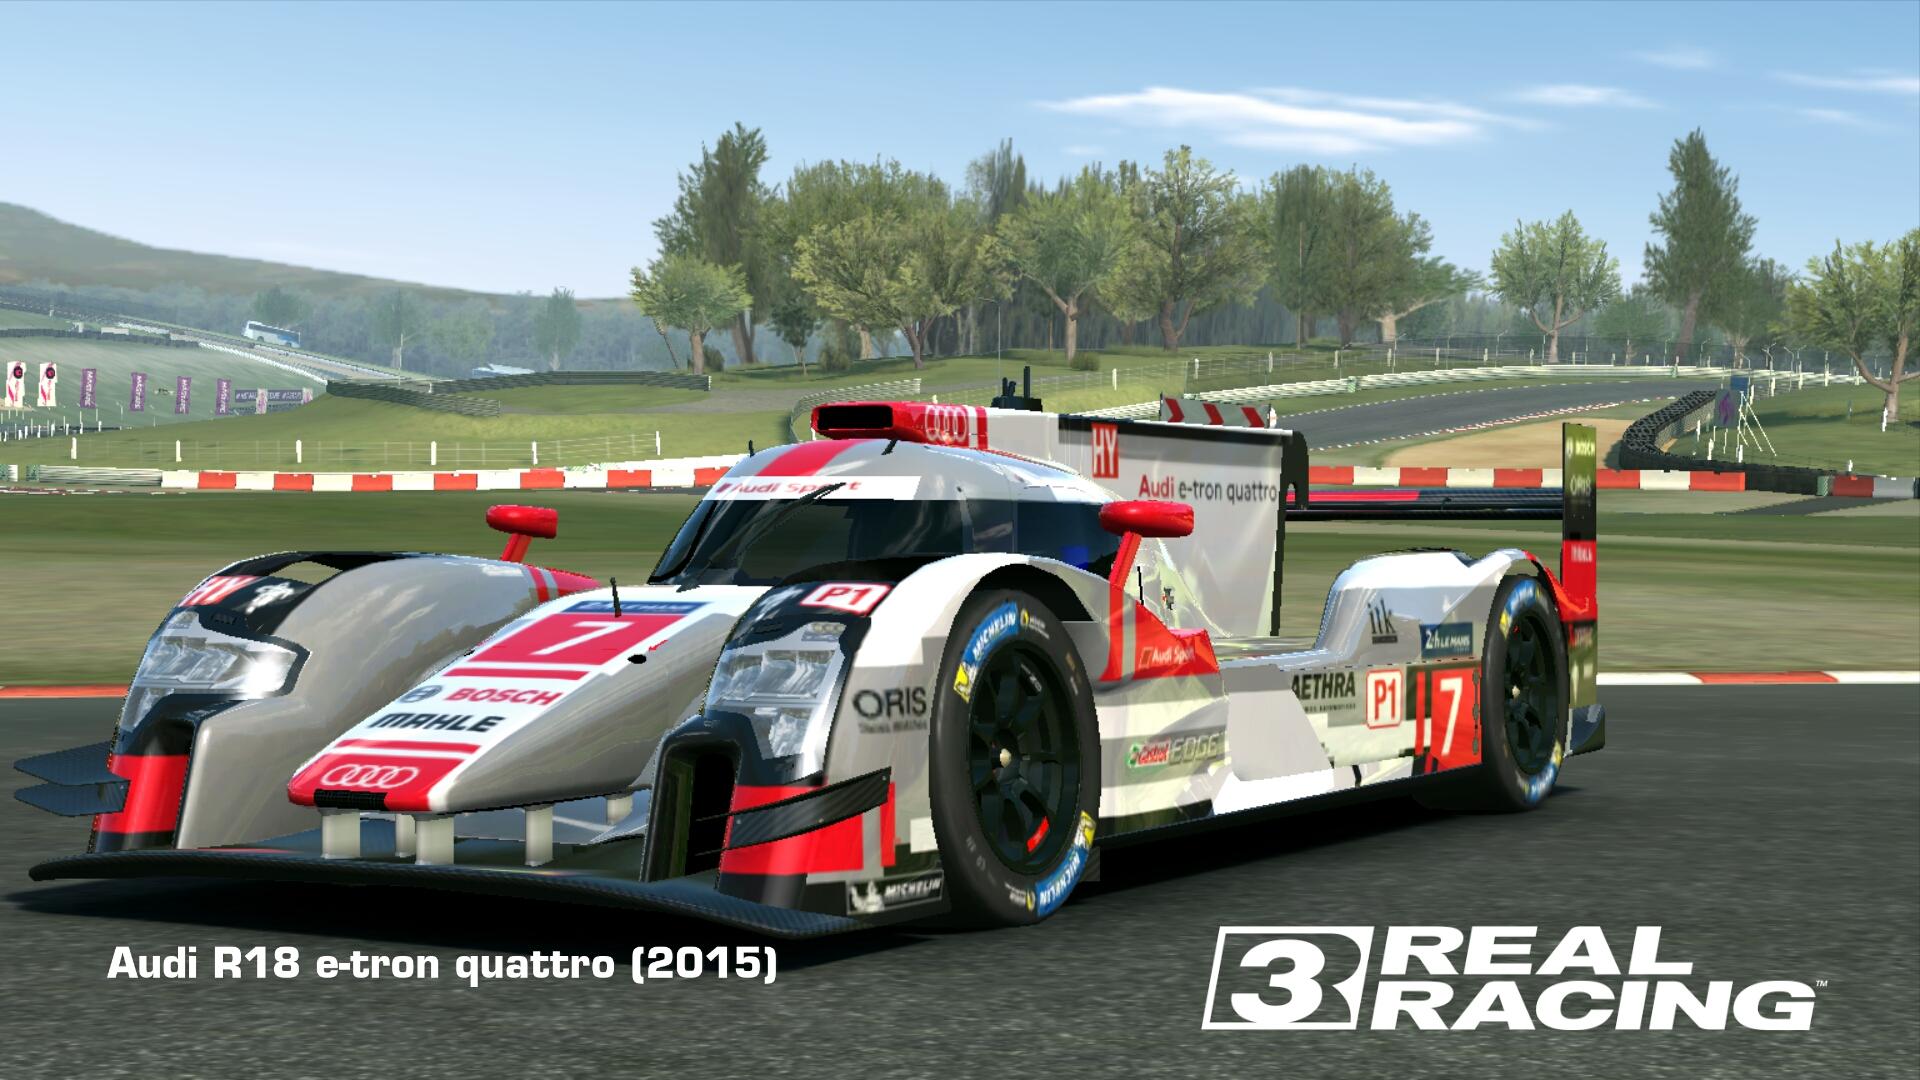 audi r18 e-tron quattro (2015) | real racing 3 wiki | fandom